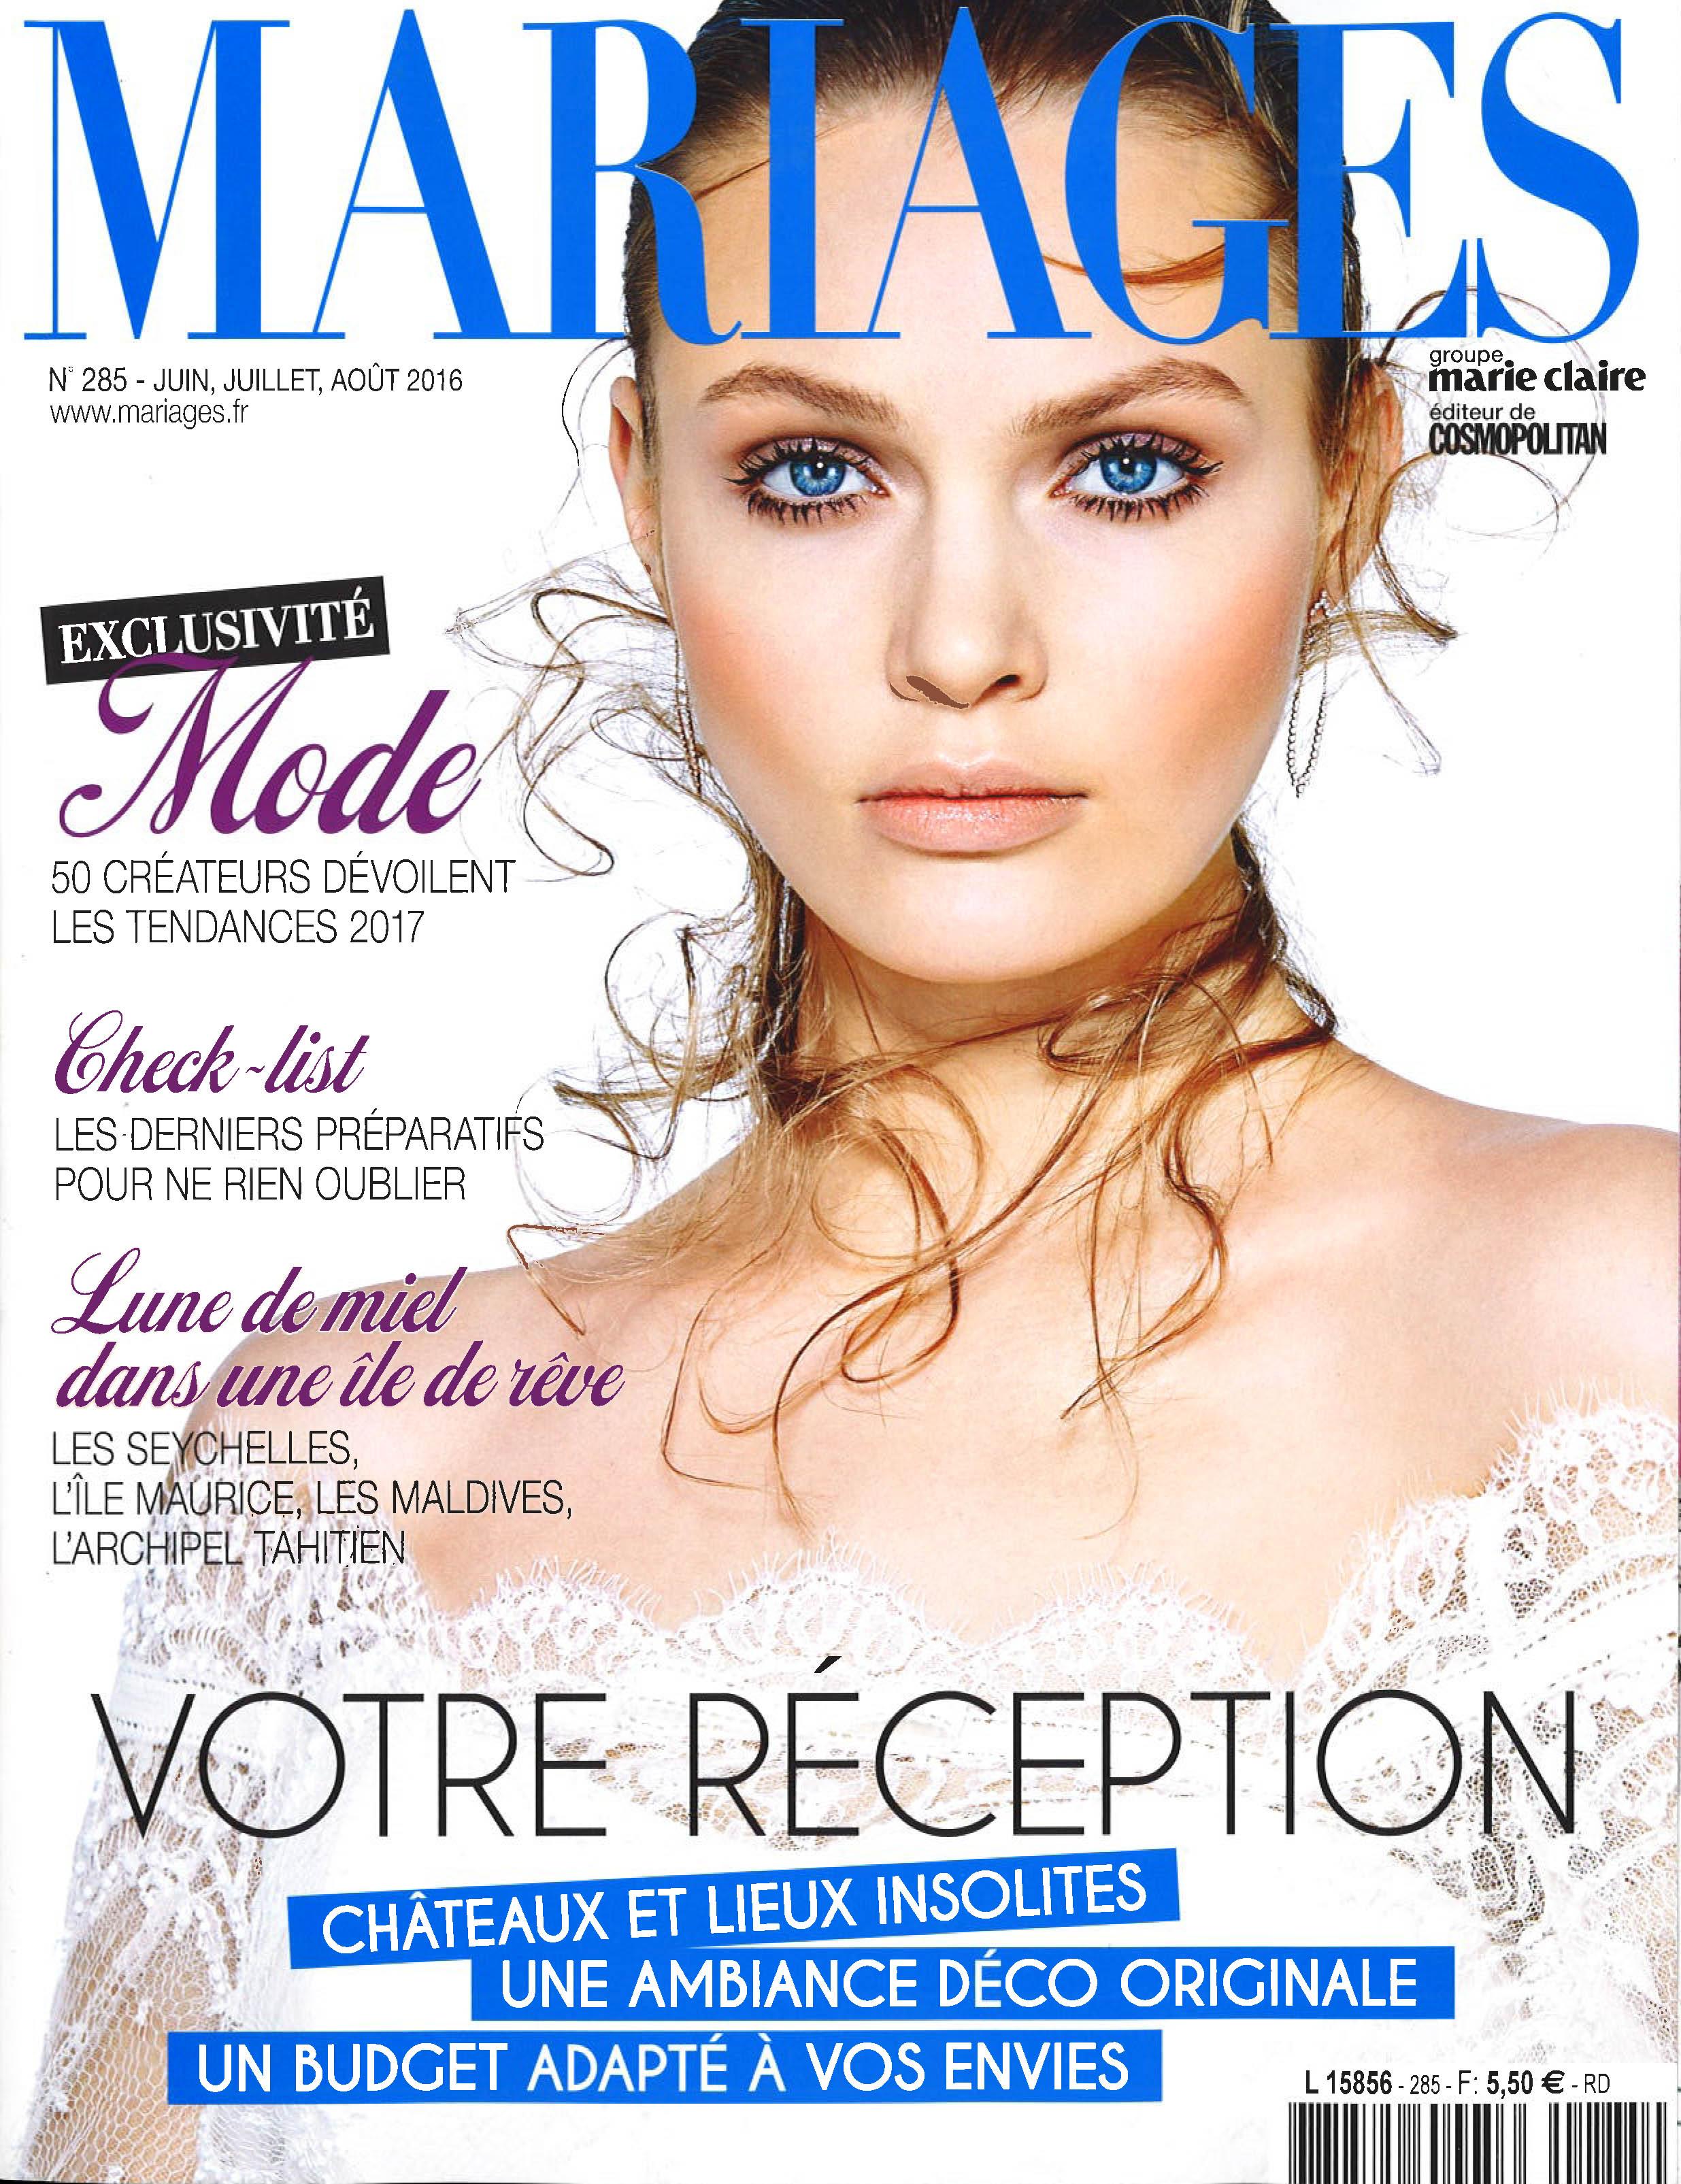 Mariages France Magazine - Mai 2016